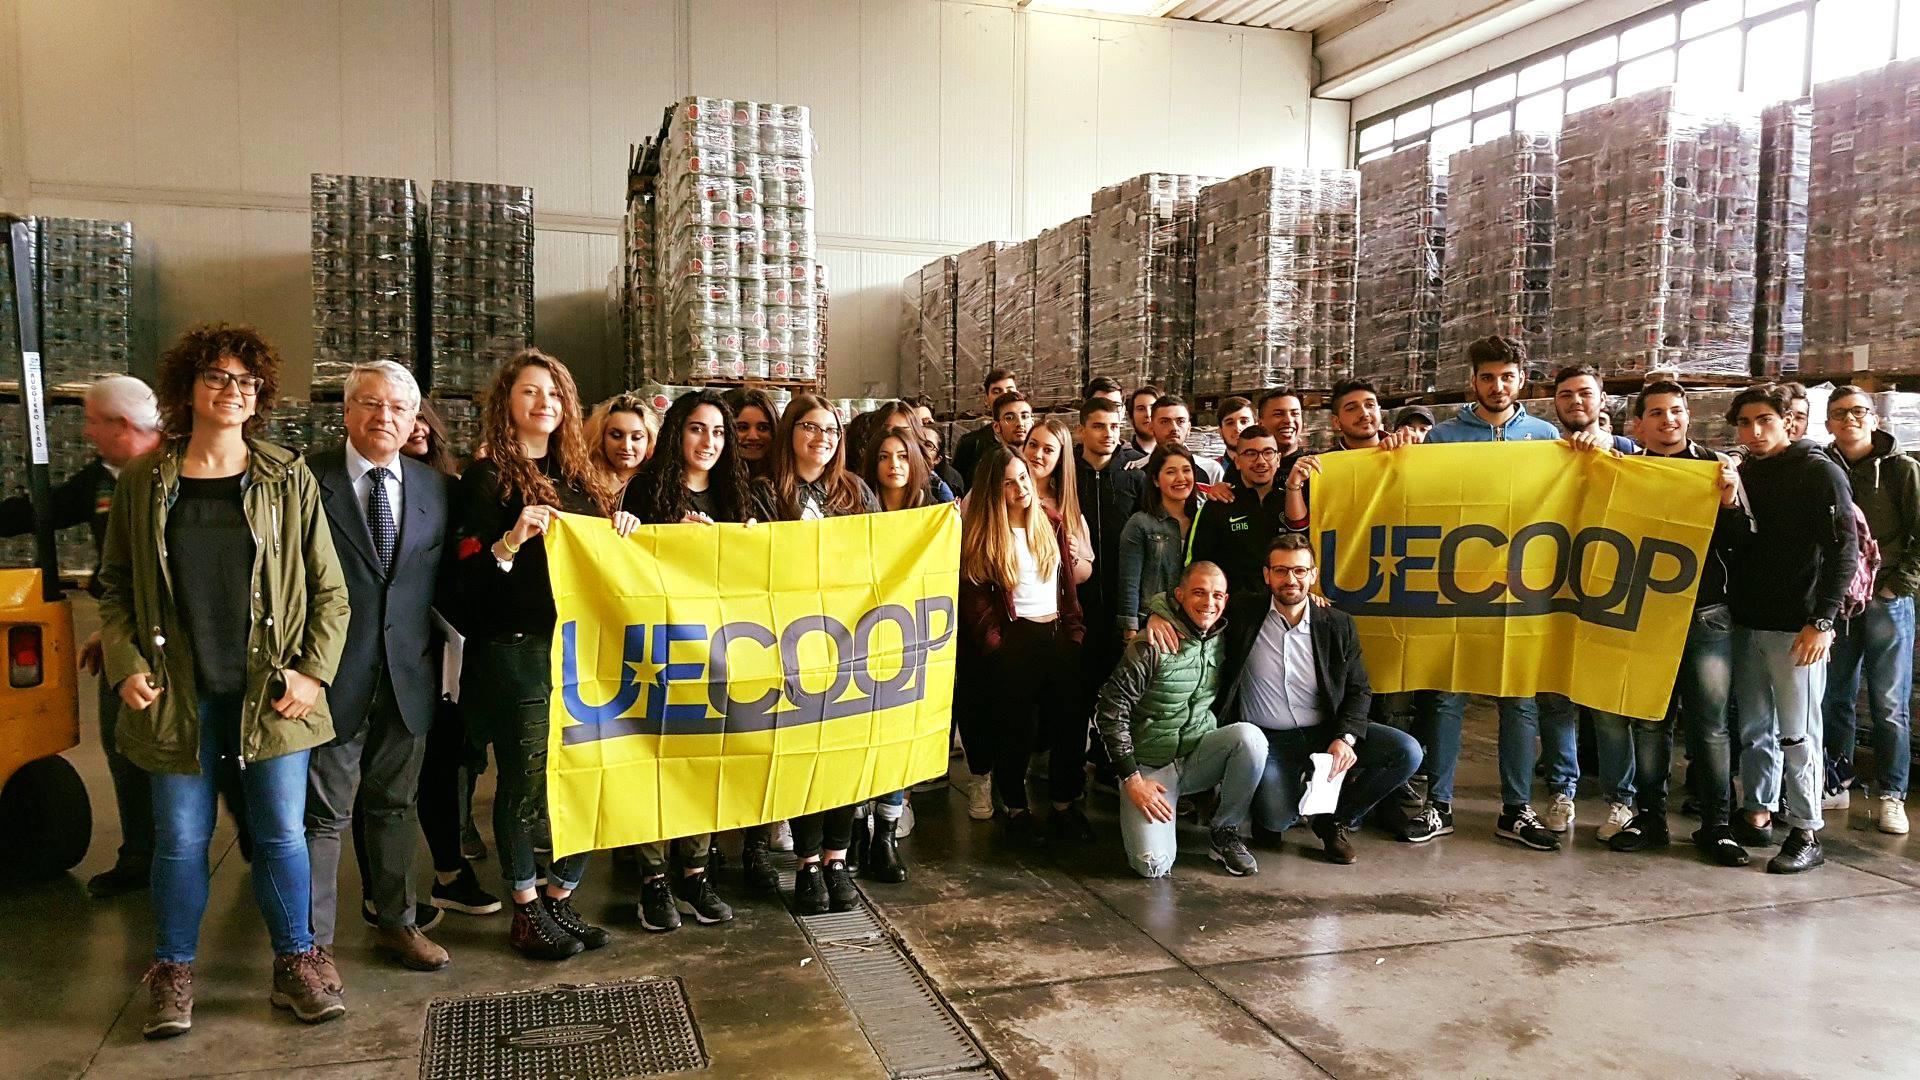 Orientamento tra i campi di San Marzano: iniziativa Uecoop Campania